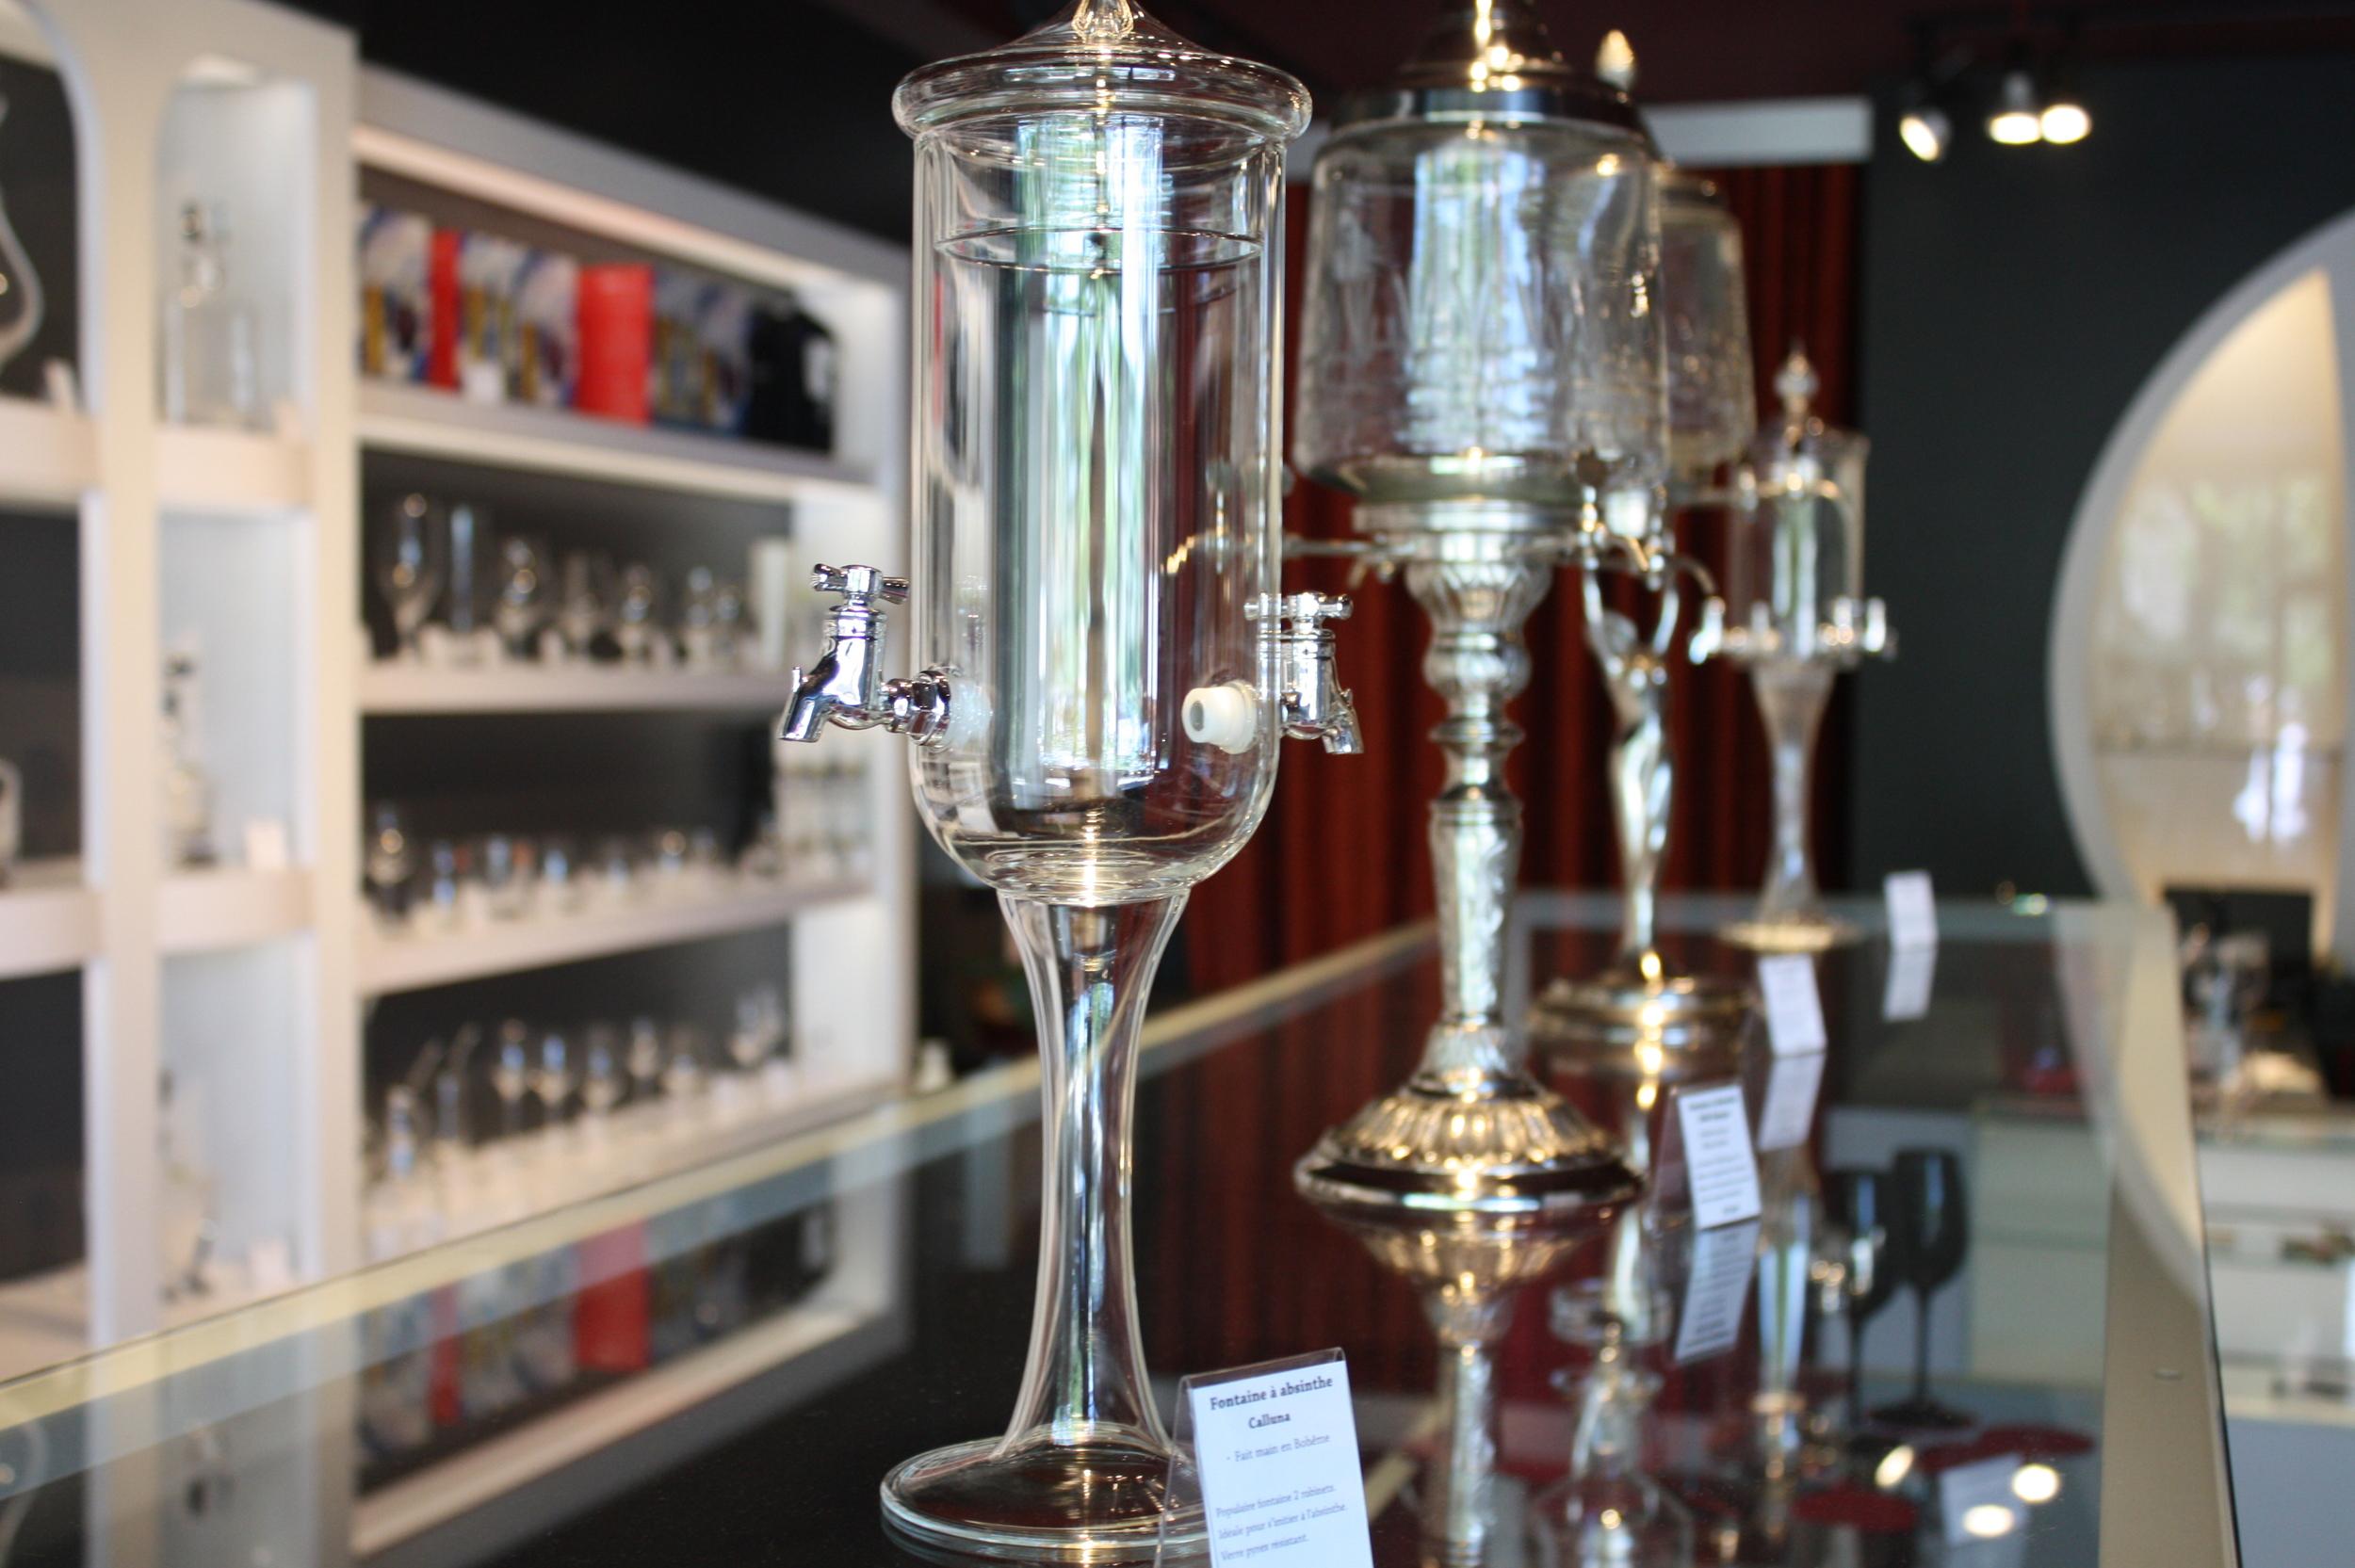 Une fontaine d'absinthe format table de chevet.